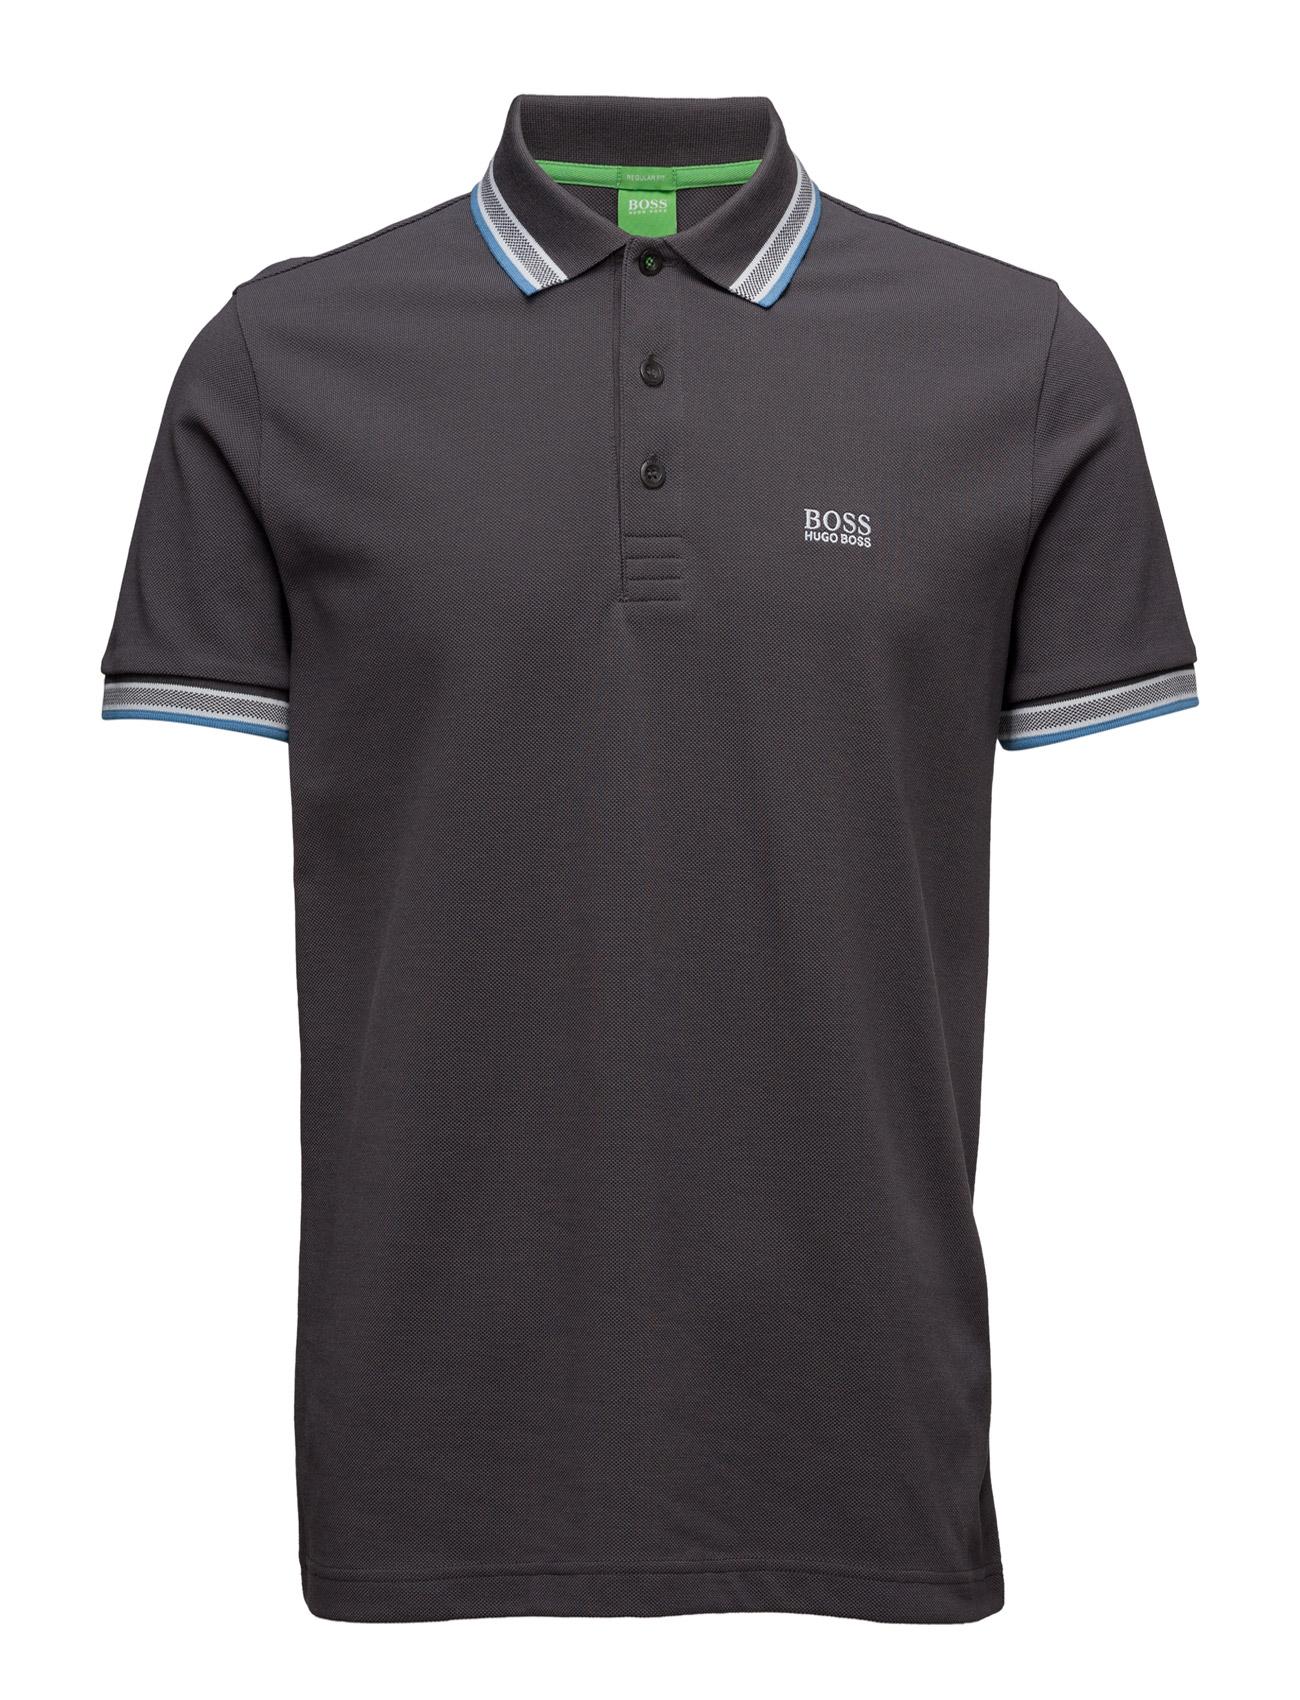 Paddy BOSS GREEN Kortærmede polo t-shirts til Herrer i Trækul